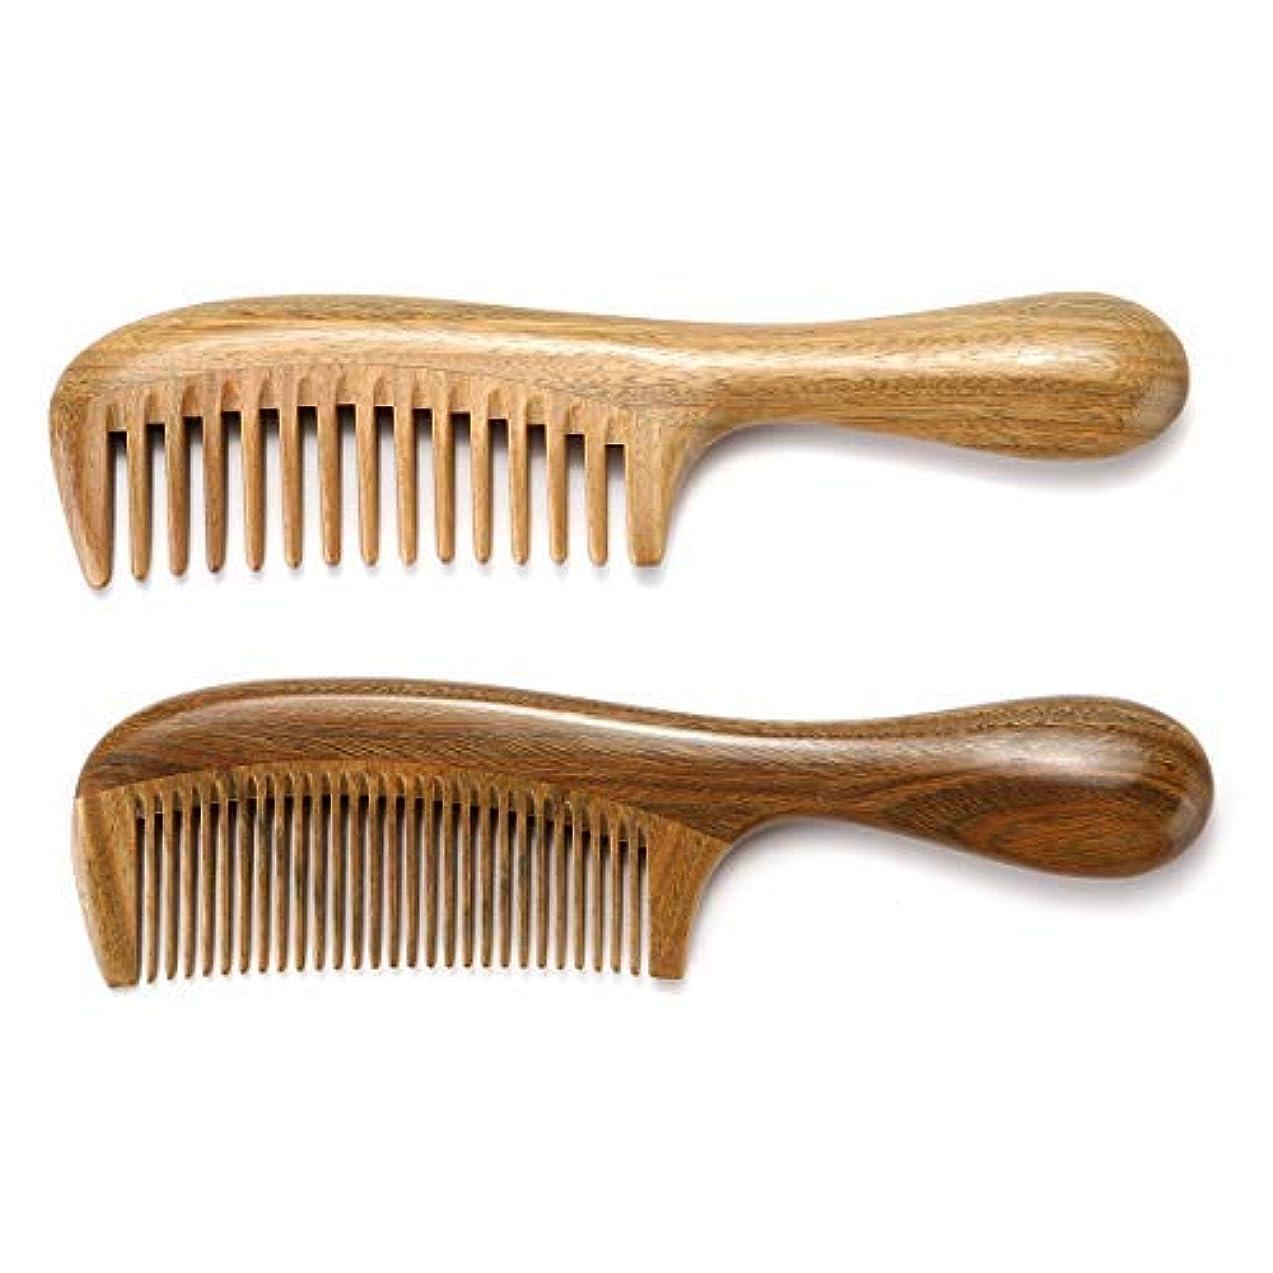 薄汚いフラッシュのように素早く盗賊Handmade Wooden Hair Comb Set Gift Box Natural Green Sandalwood Anti-Static Fine & Wide Tooth Hair Combs for Men...